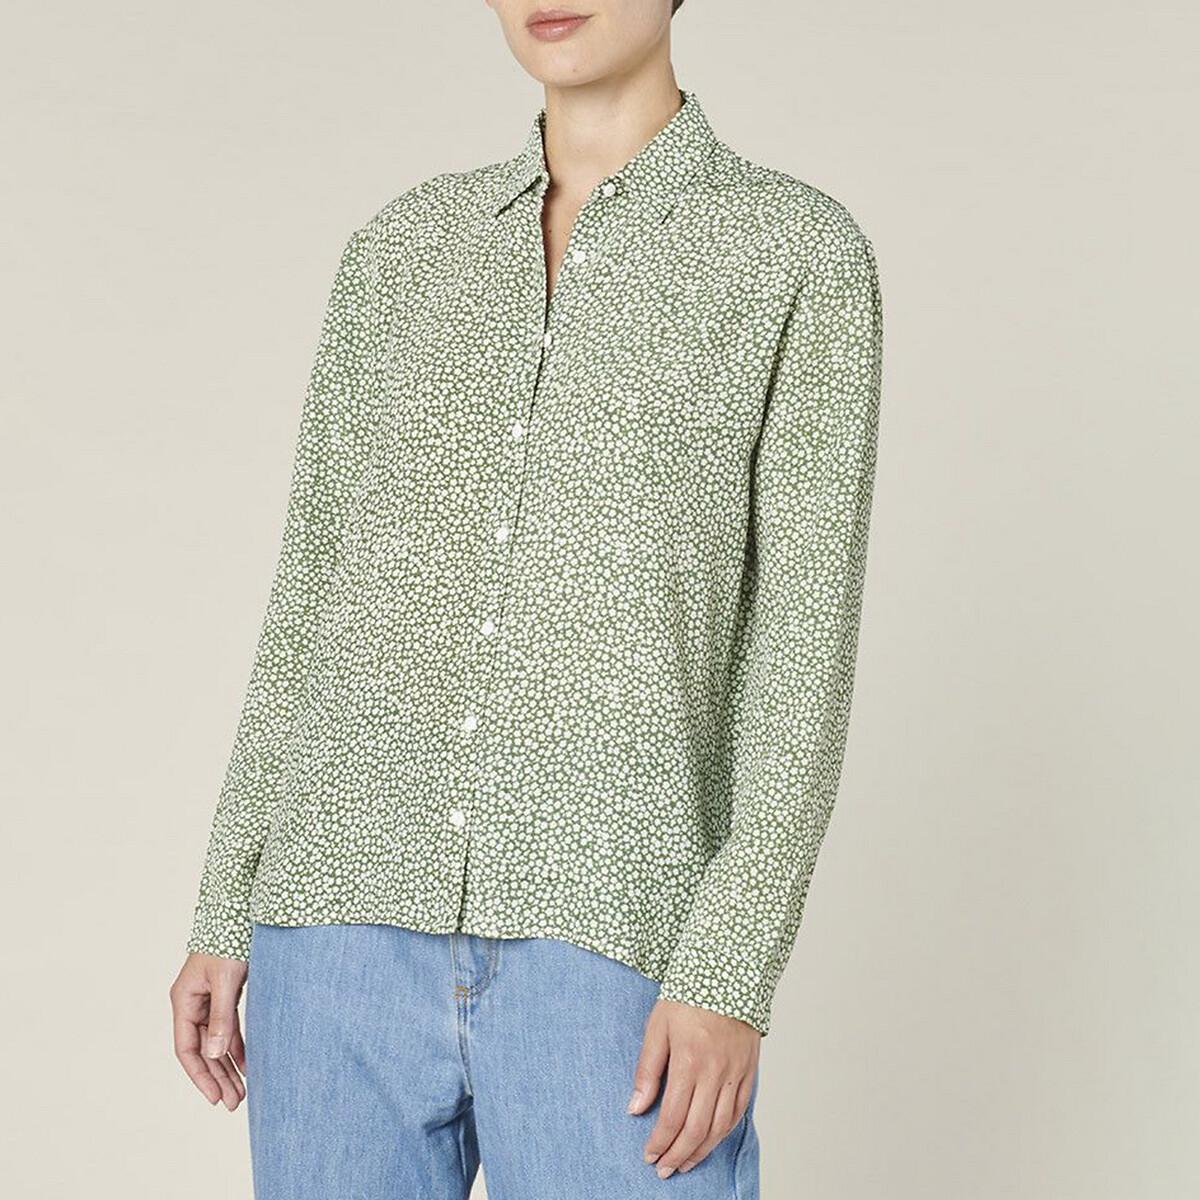 Рубашка La Redoute С принтом с длинными рукавами DEBORAH 3(L) зеленый блузка la redoute из вуали с принтом и длинными рукавами smoke 3 l каштановый